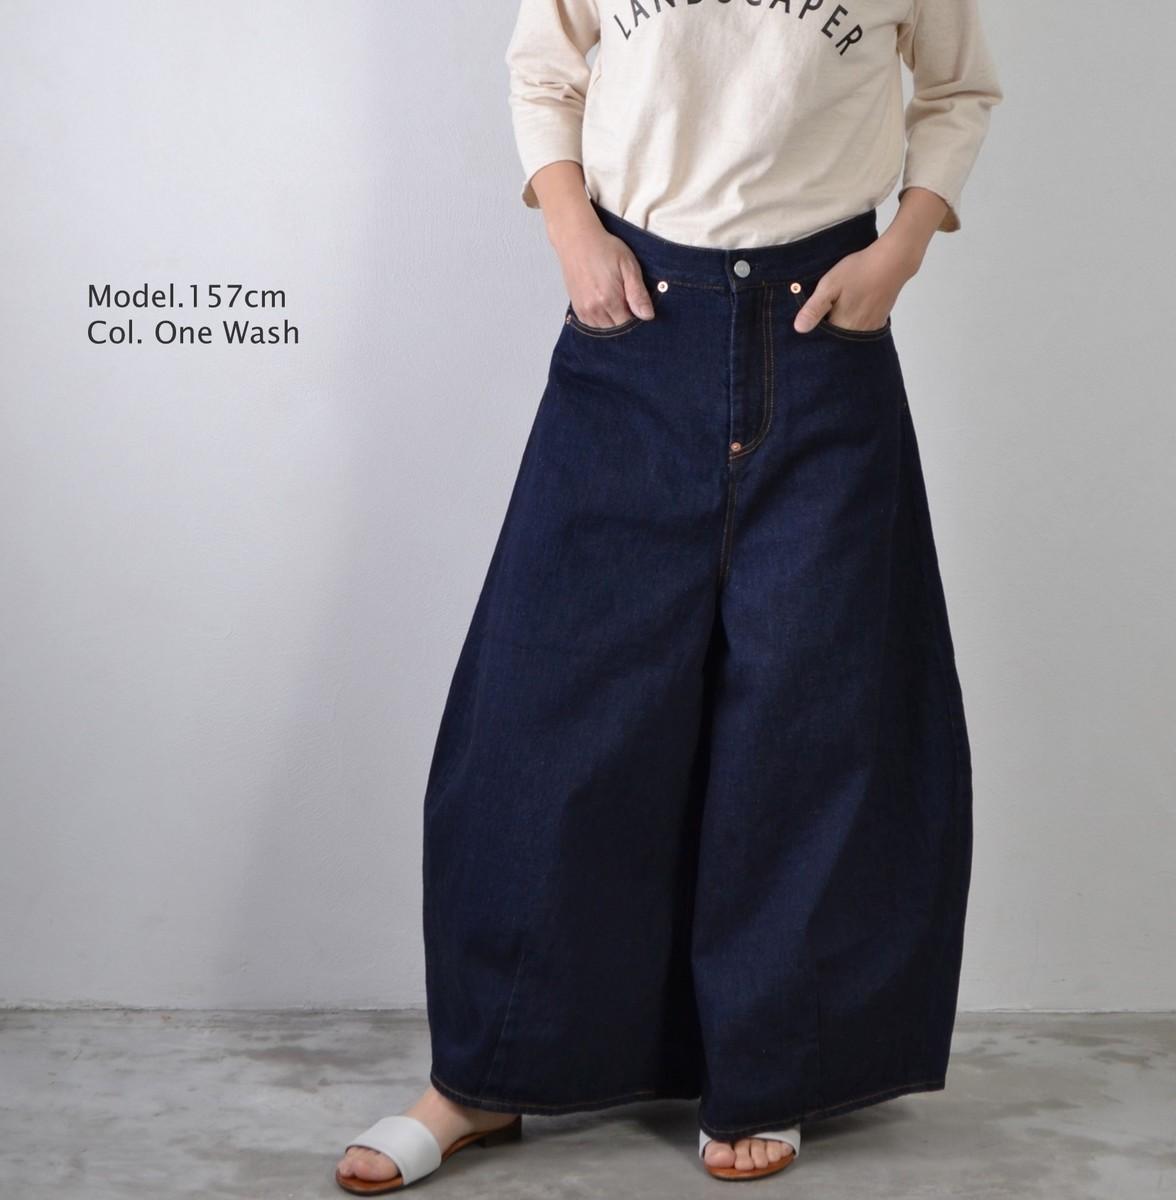 DEEP BLUE ディープブルー ヴィンテージルーズデニム パンツ 72844 OW ボトム デニム レディースファッション 送料無料 日本製 コットン100% 再入荷